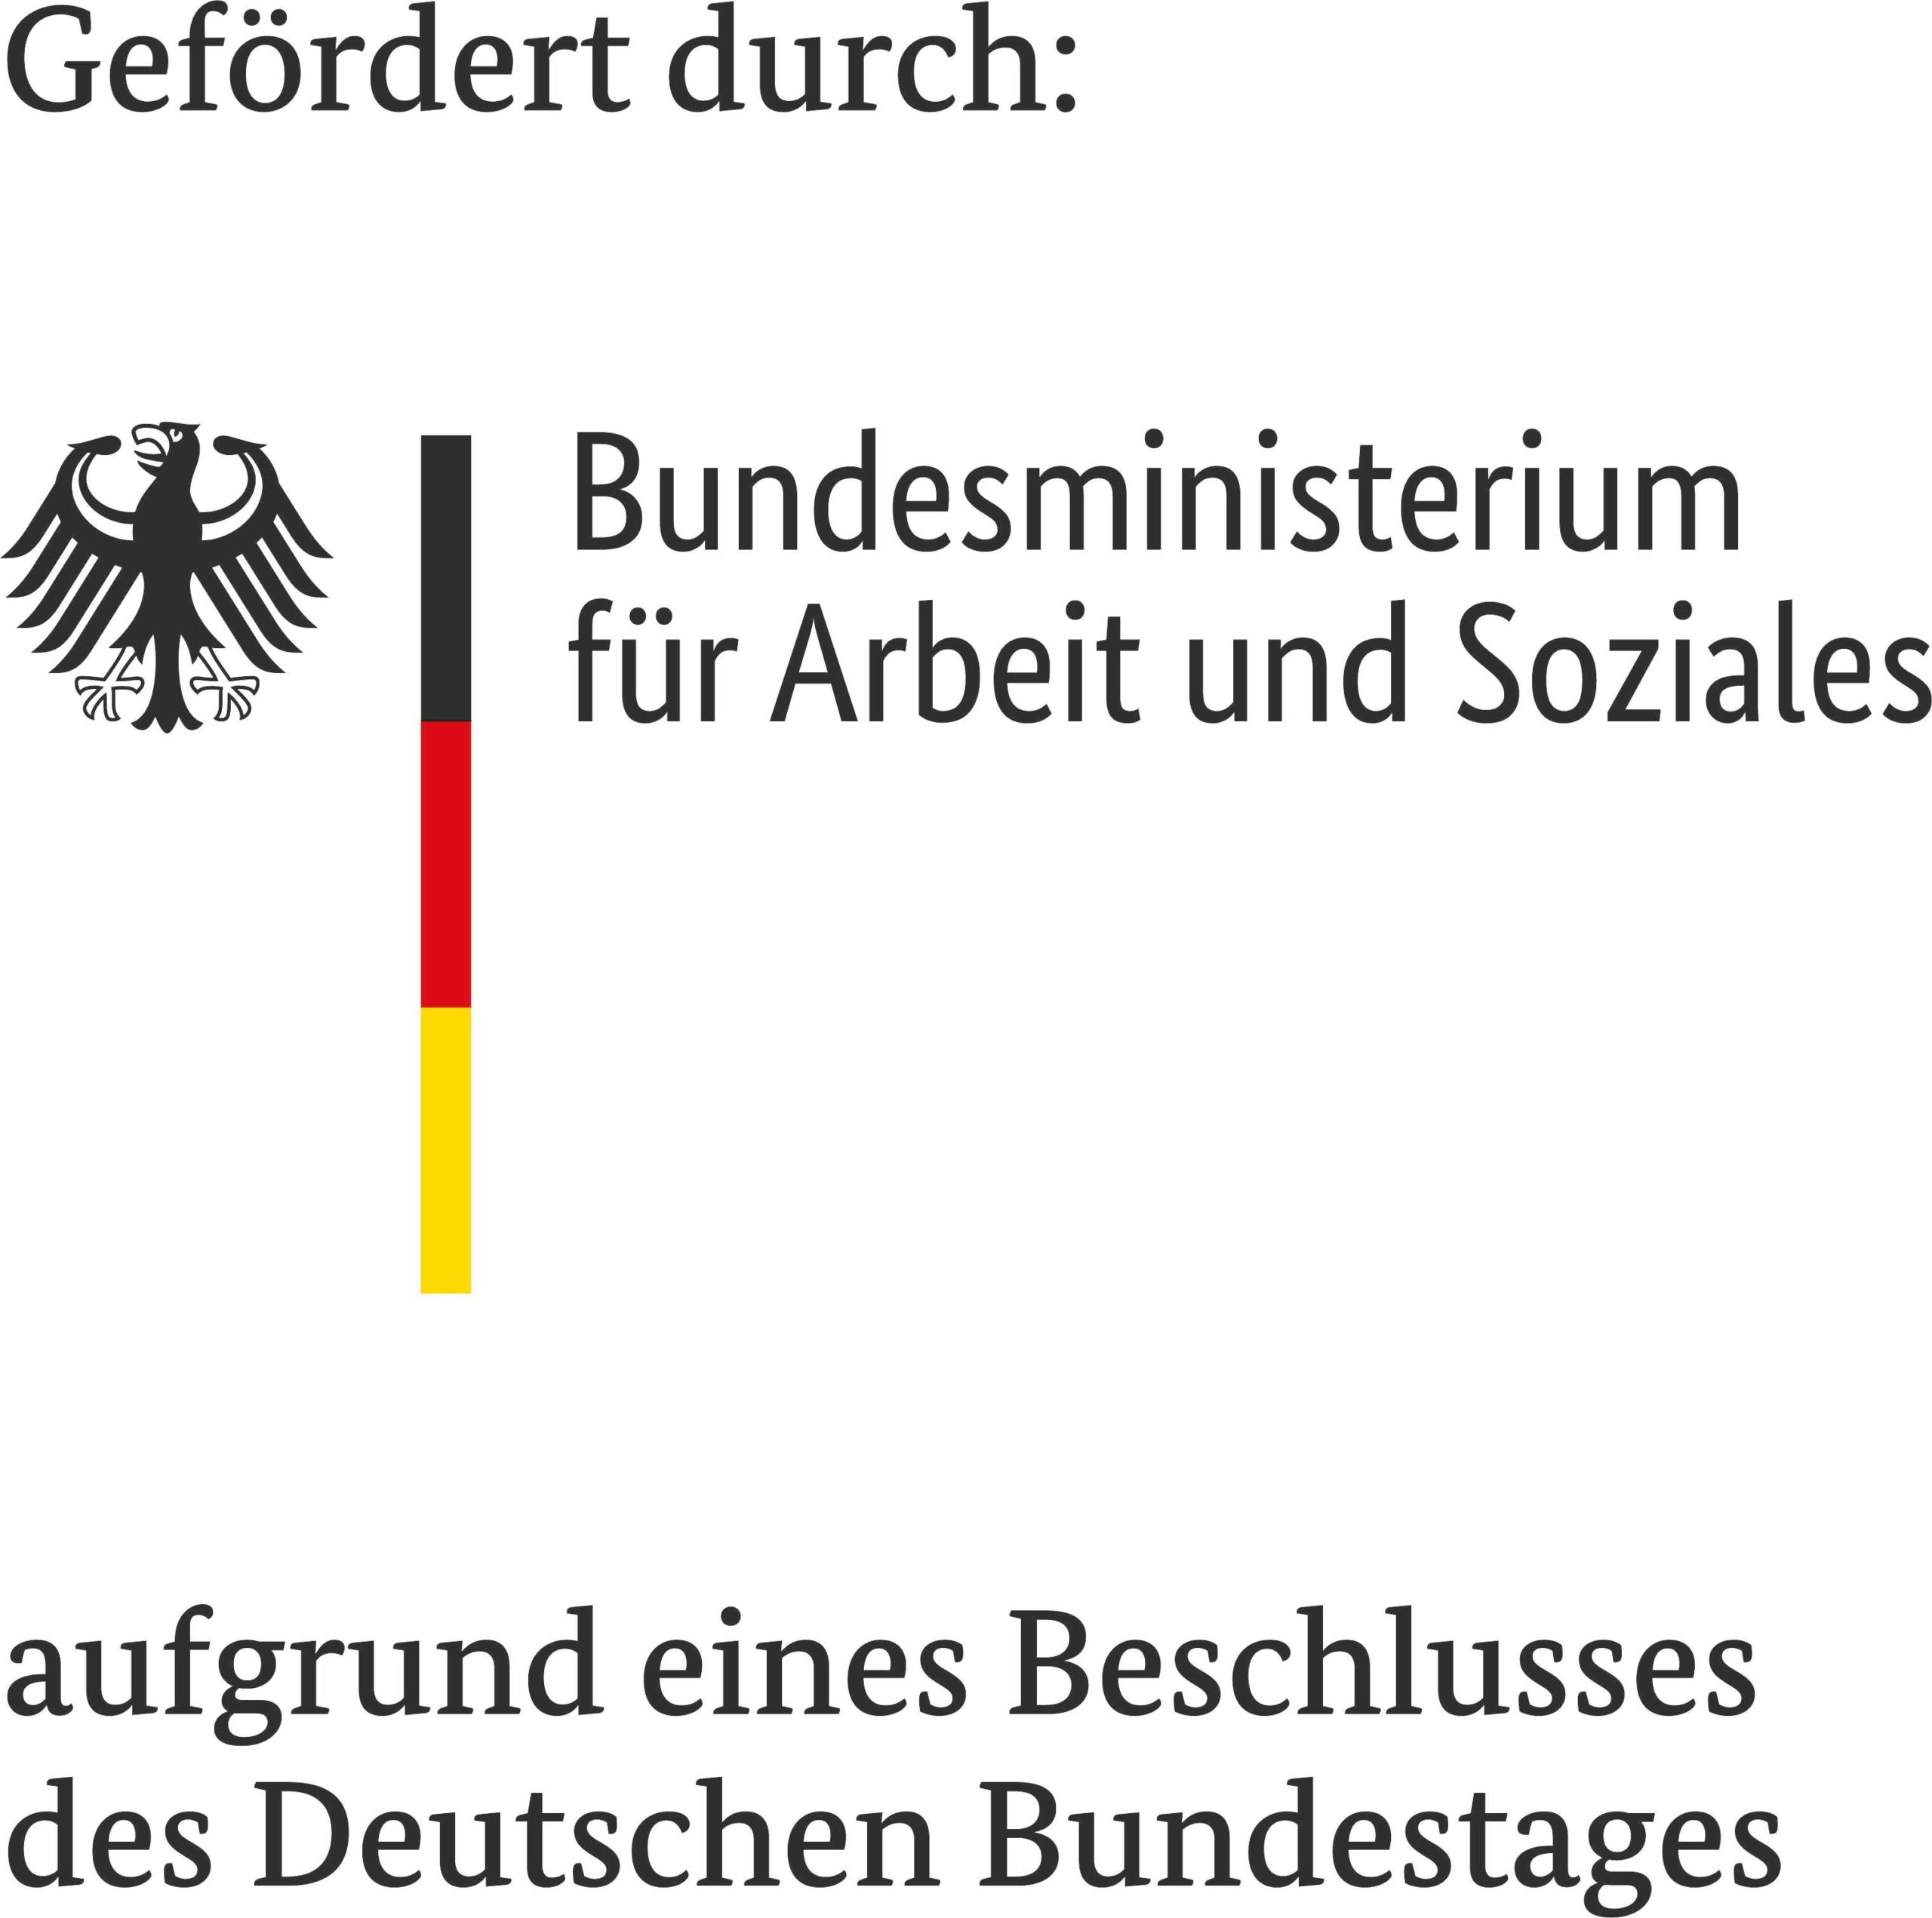 Förderhinweis mit Logo des Bundesministerium für Arbeit und Soziales